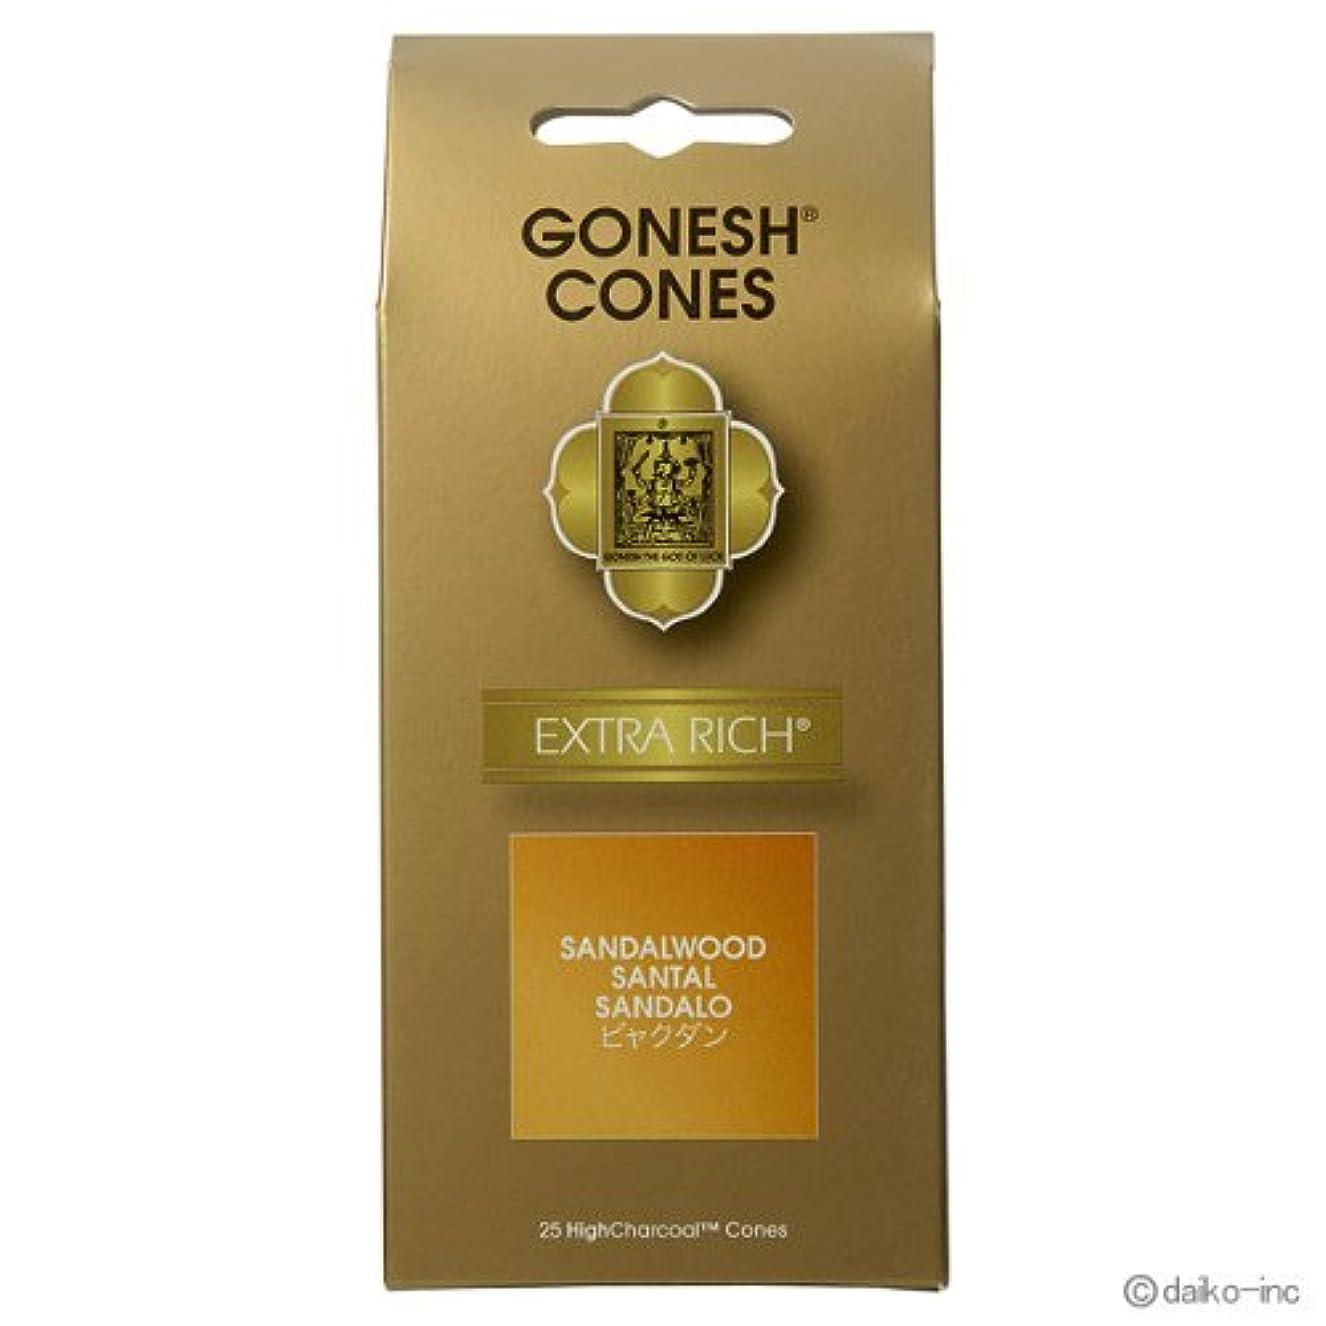 窓ロゴこどもの日ガーネッシュ GONESH エクストラリッチ サンダルウッド(白檀) お香コーン25ヶ入 6個セット